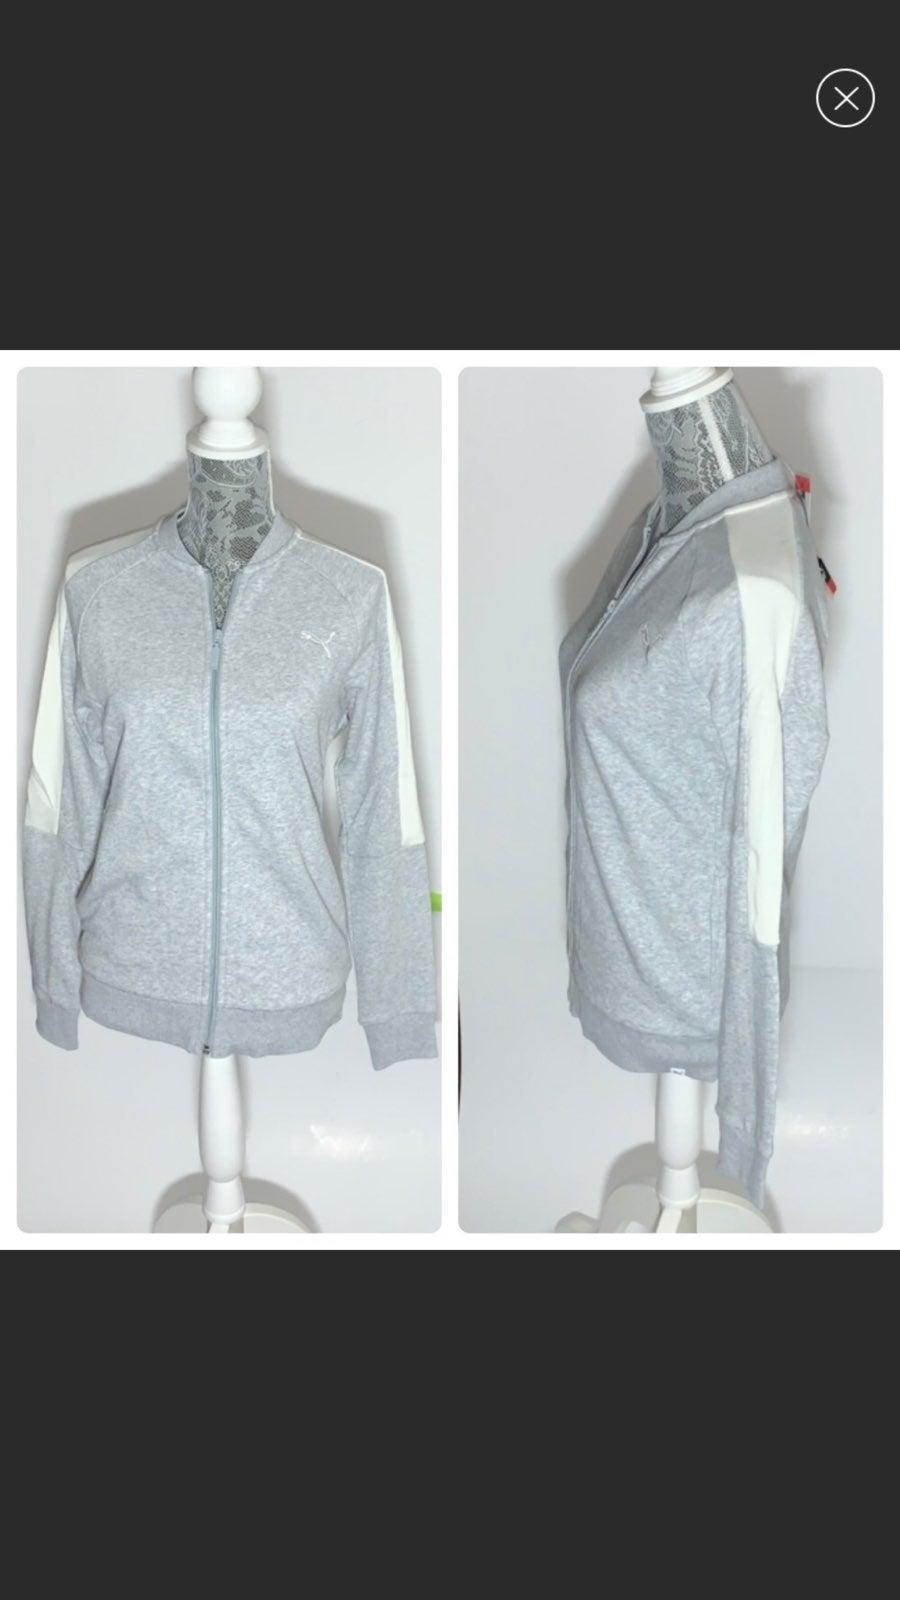 Puma Gray And White Zip Up Sweatshirt